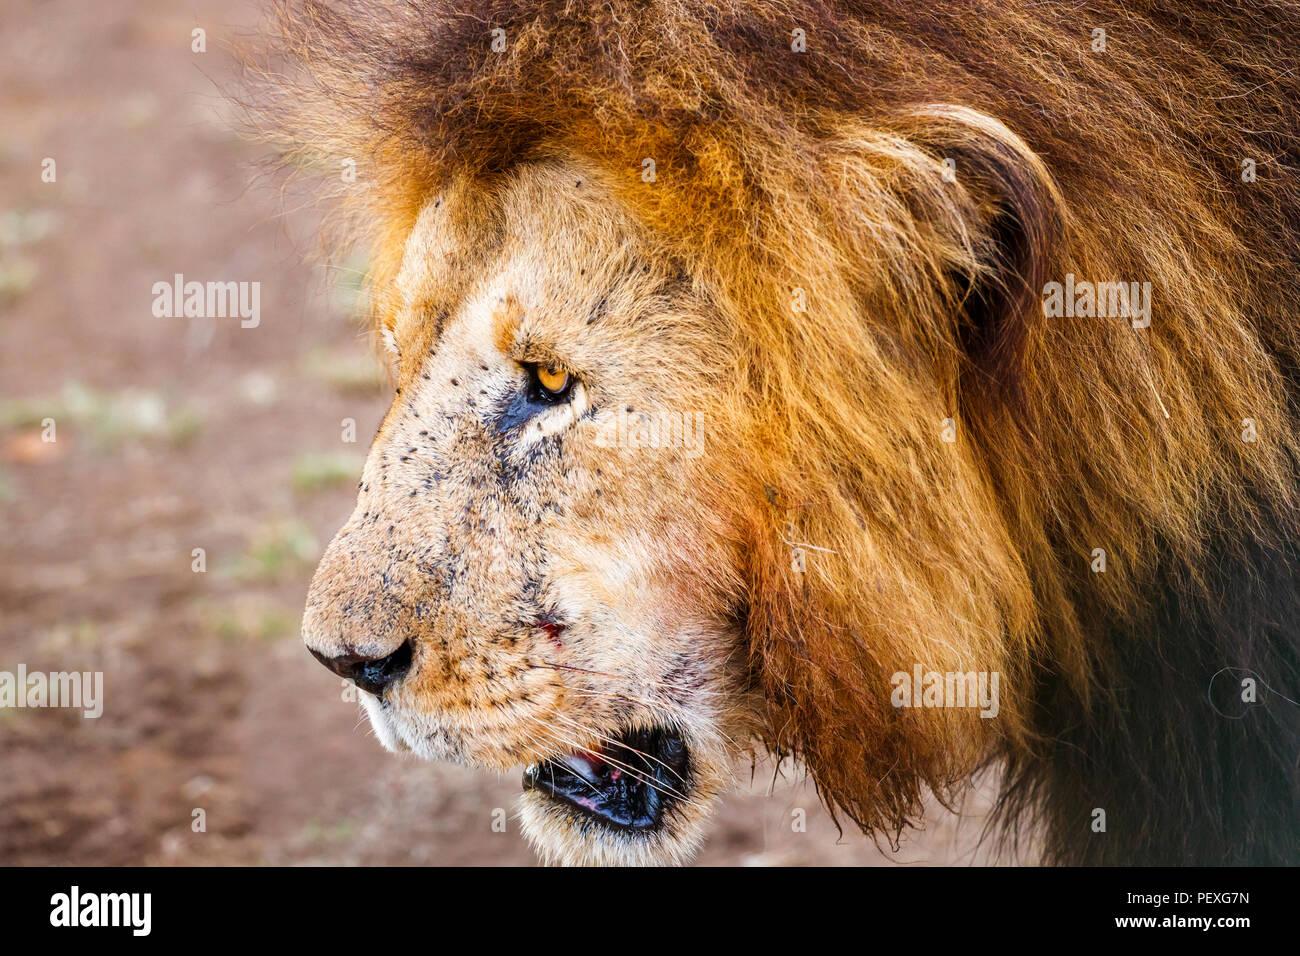 Gros plan de la tête et de la crinière d'un homme adulte Mara lion (Panthera leo) couverts de mouches dans le Masai Mara, Kenya Photo Stock